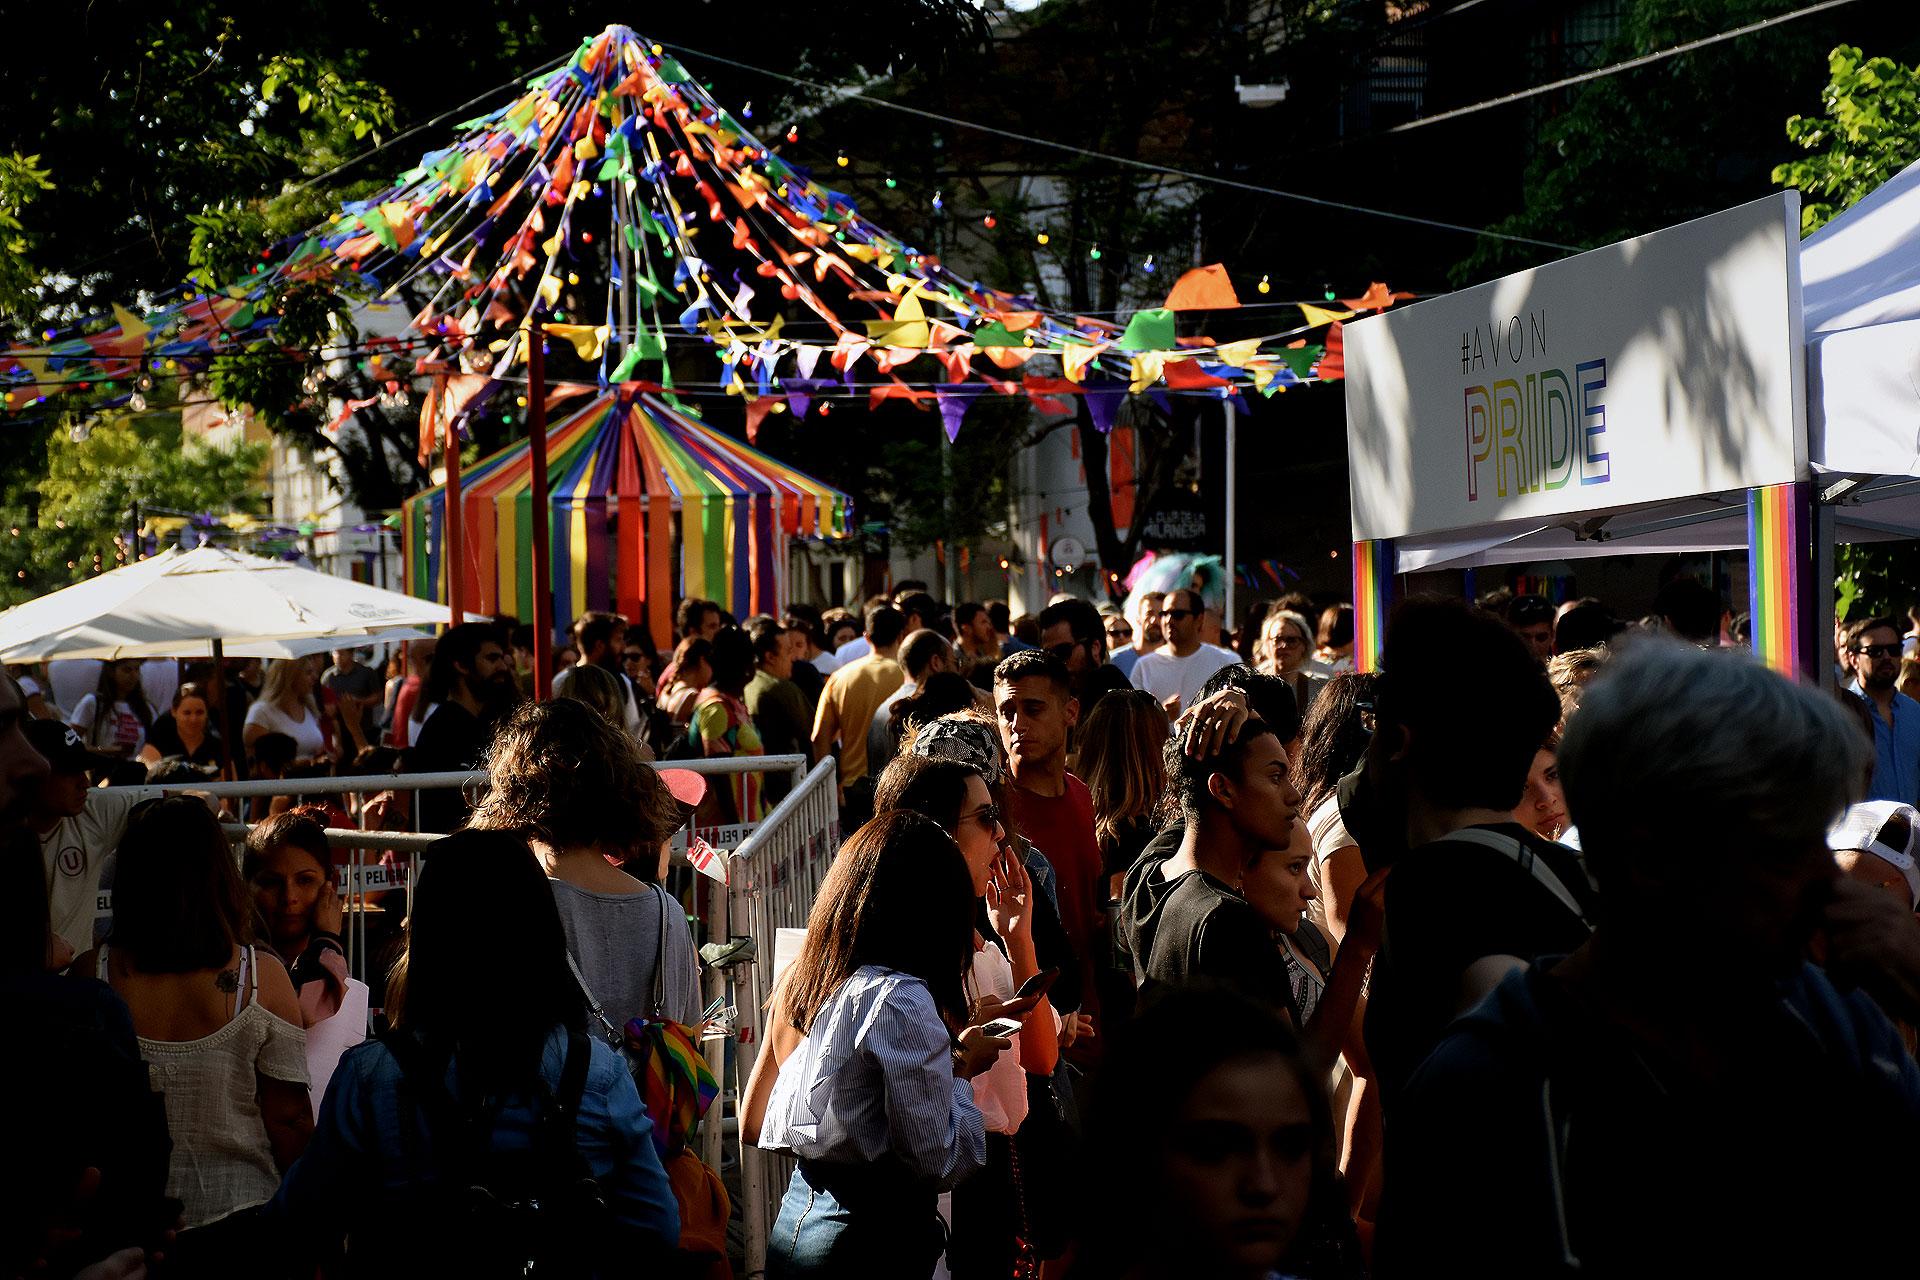 Ayer en Palermo hubo un festival al aire libre, con espectáculos en vivo hasta la noche